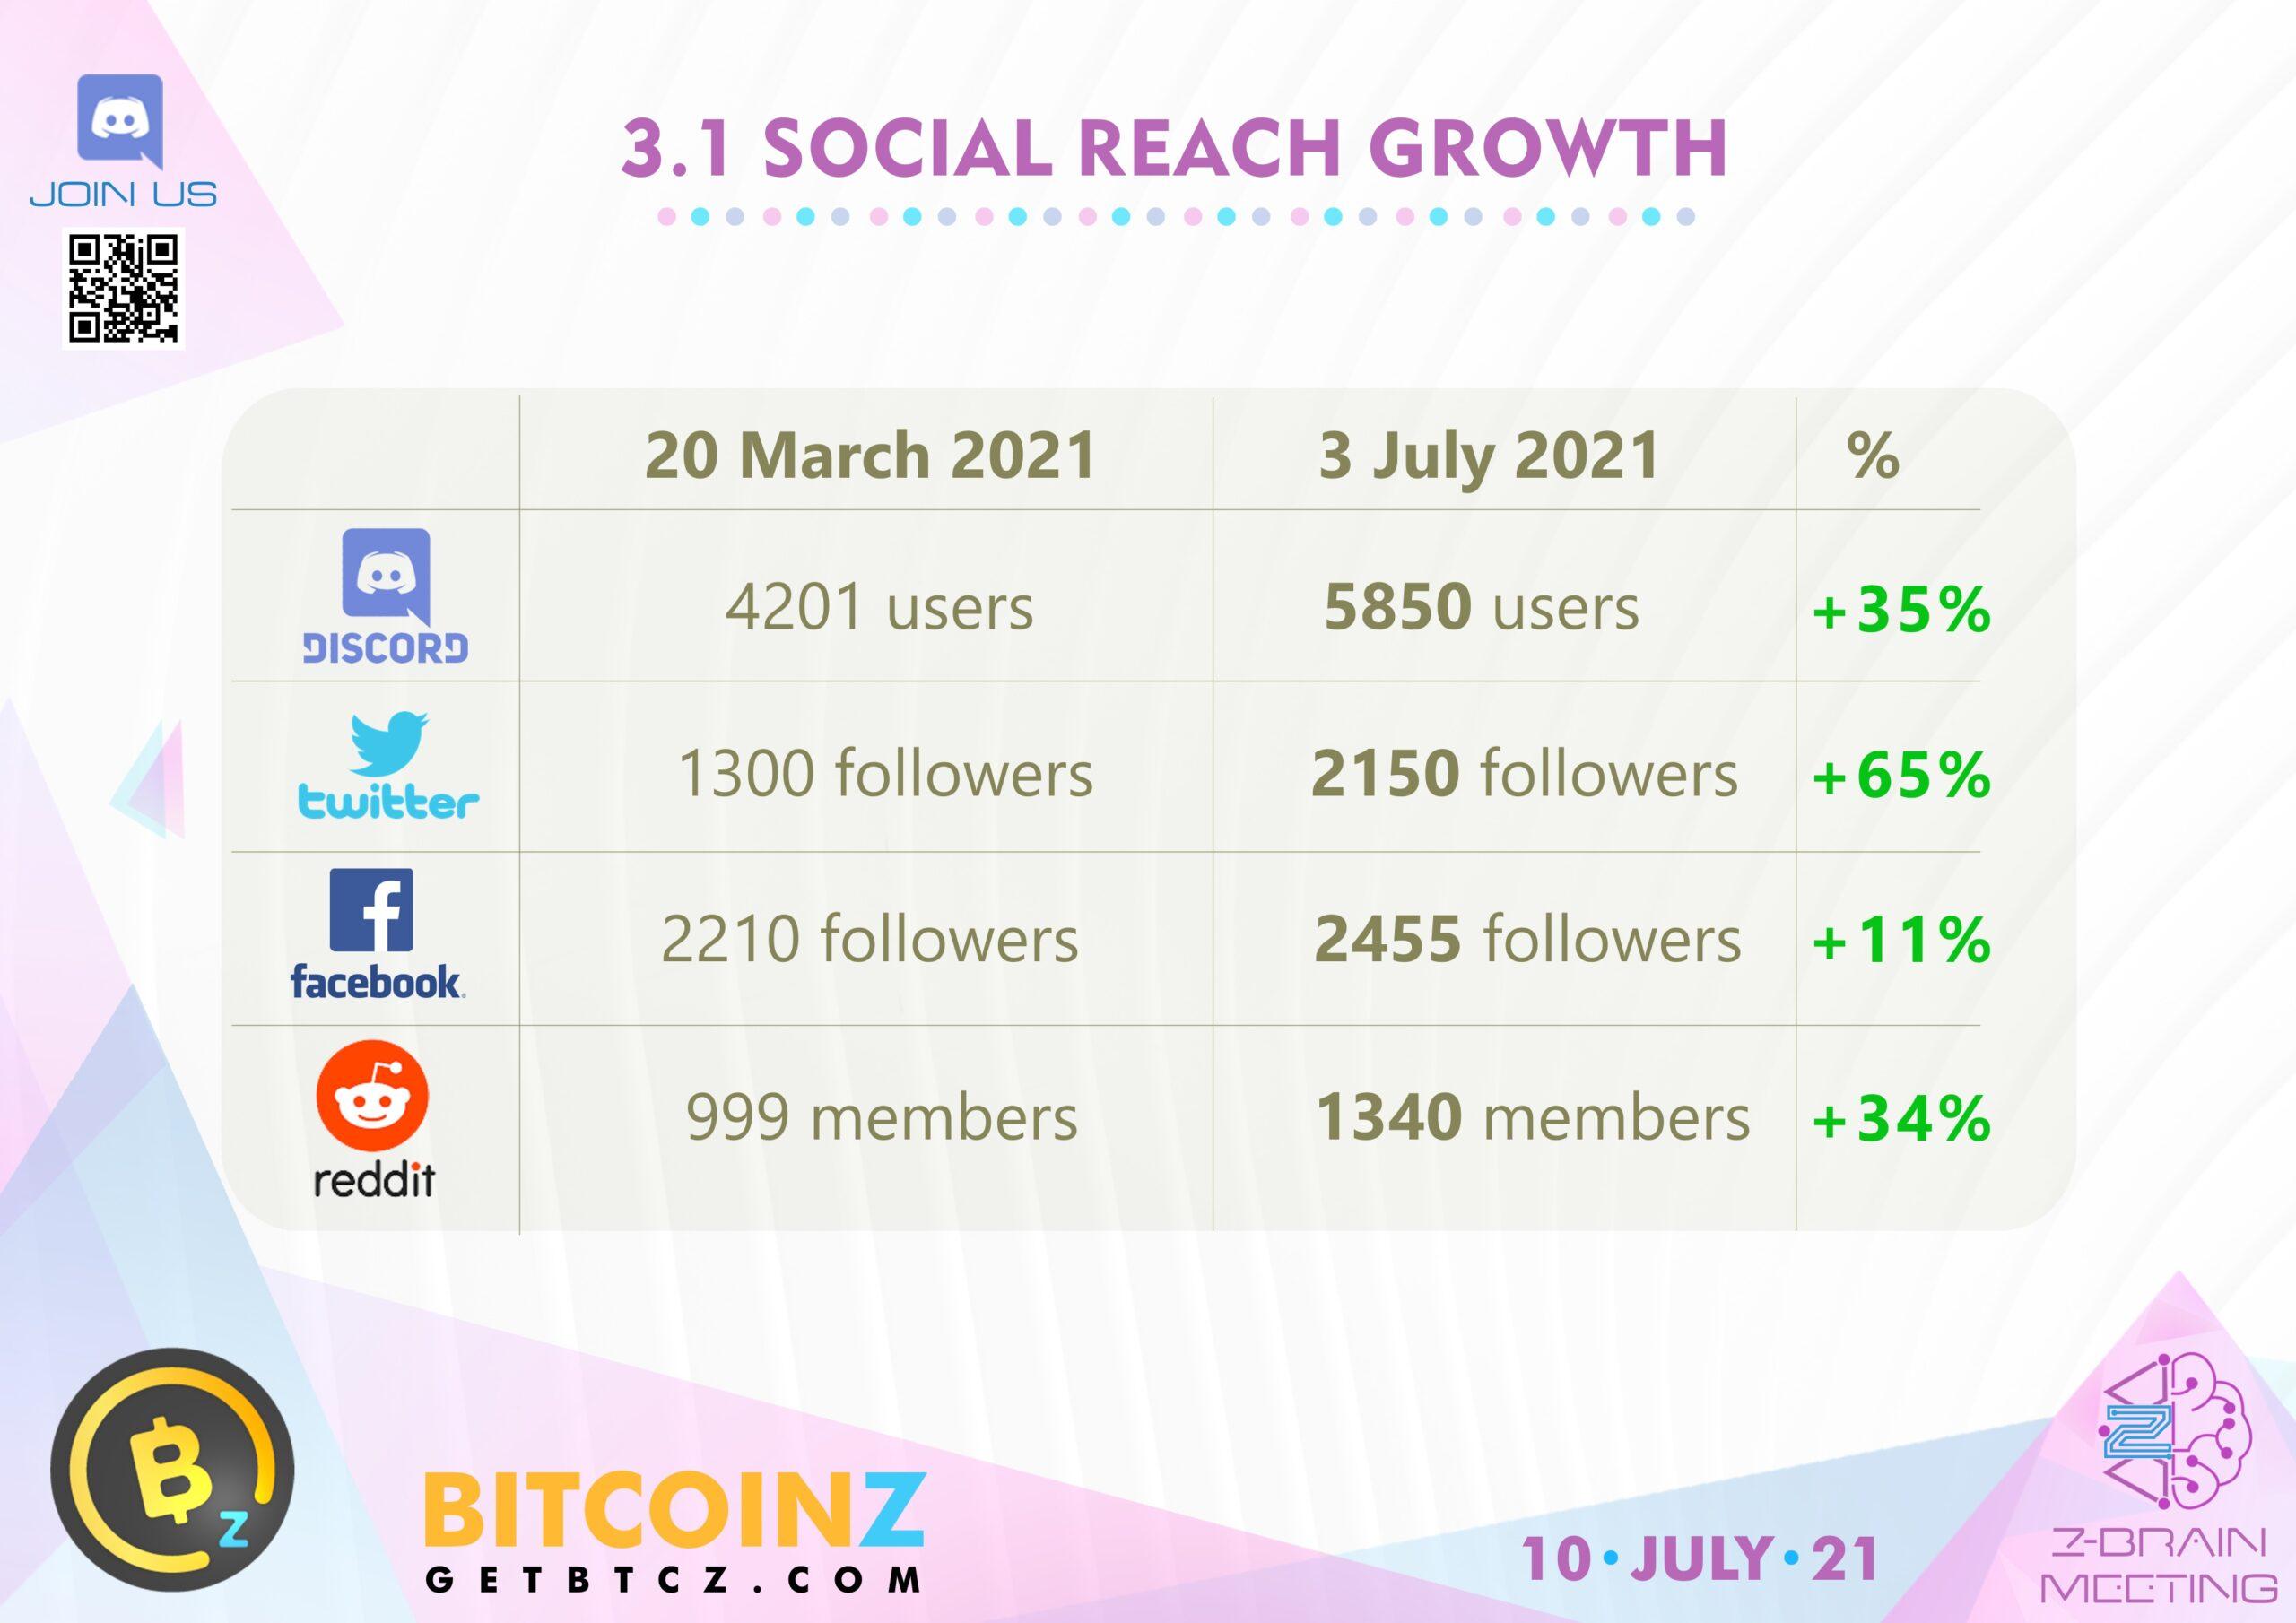 BITCOINZ social reach